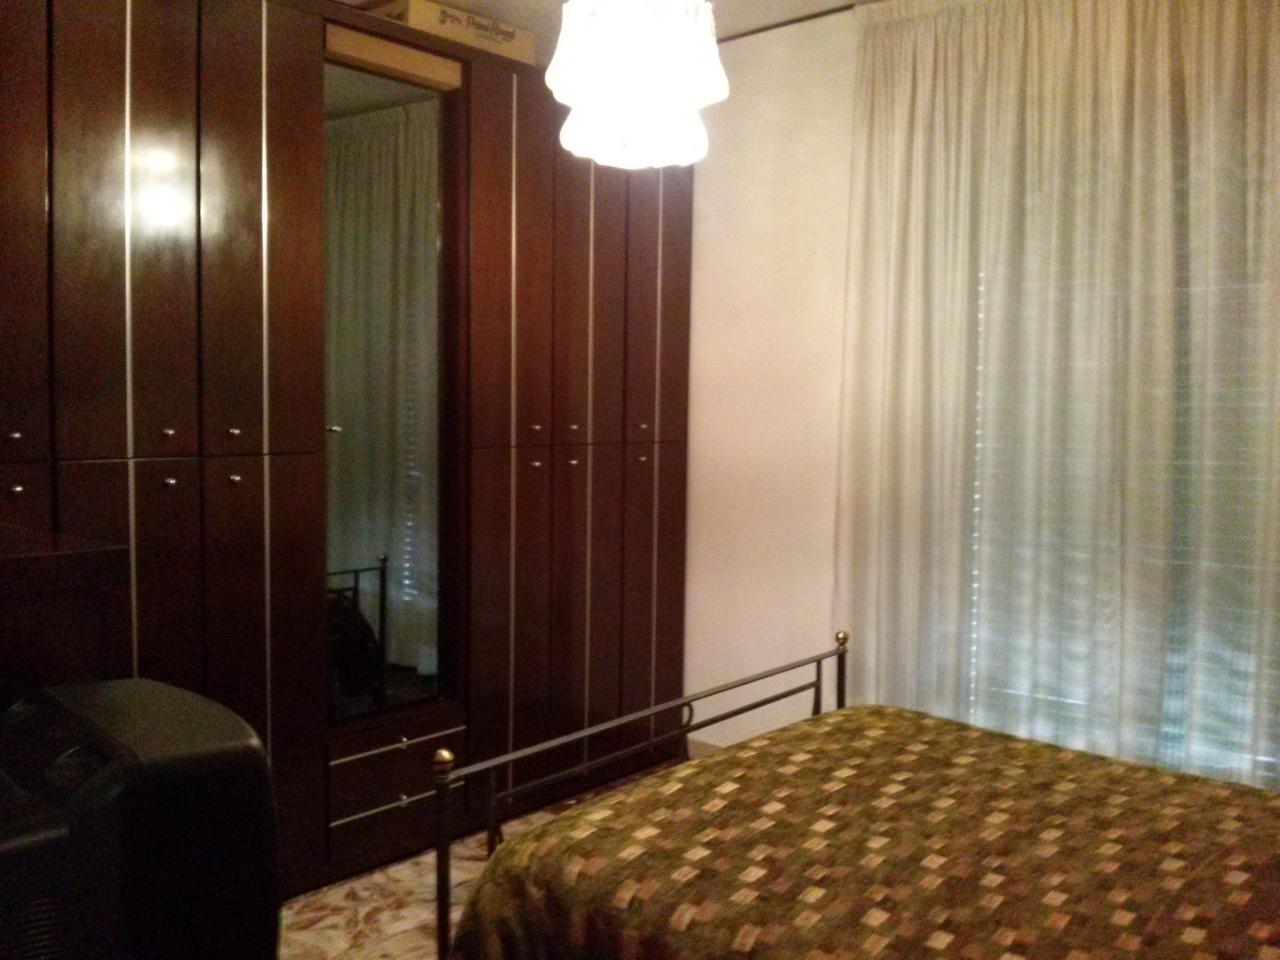 Appartamento in vendita a Ascoli Piceno, 4 locali, zona Località: P.taRomana, prezzo € 130.000 | Cambio Casa.it